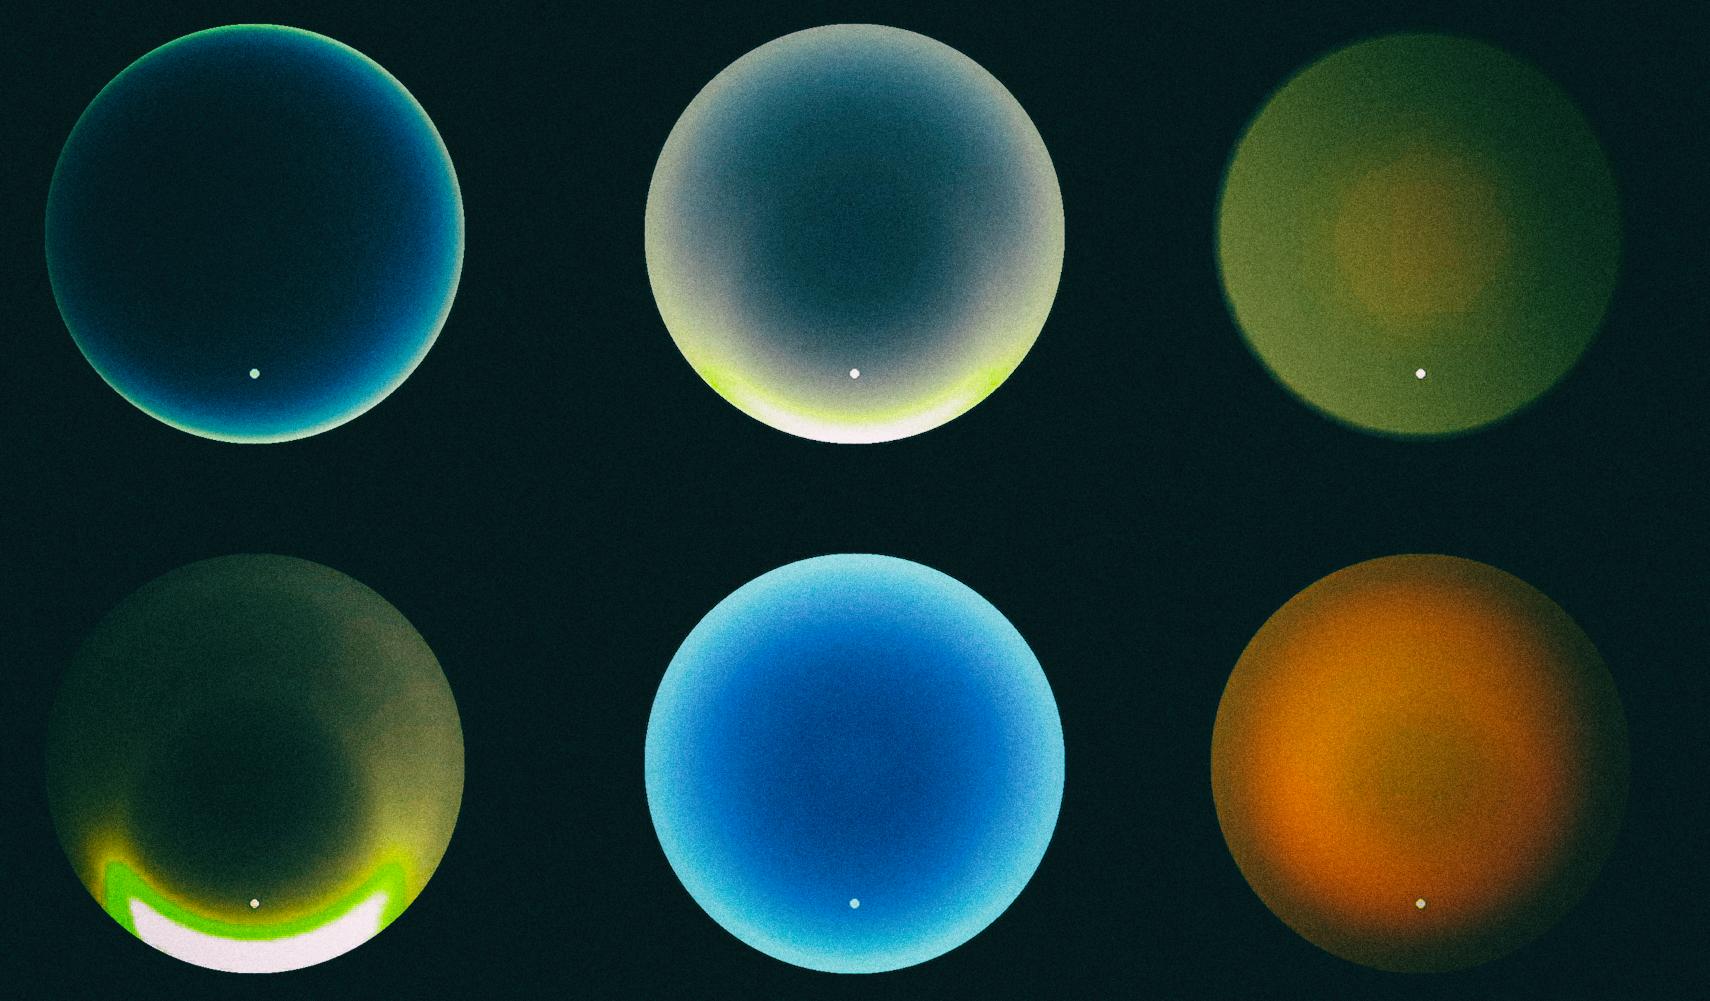 Ученые показали, как выглядят закаты на чужих планетах